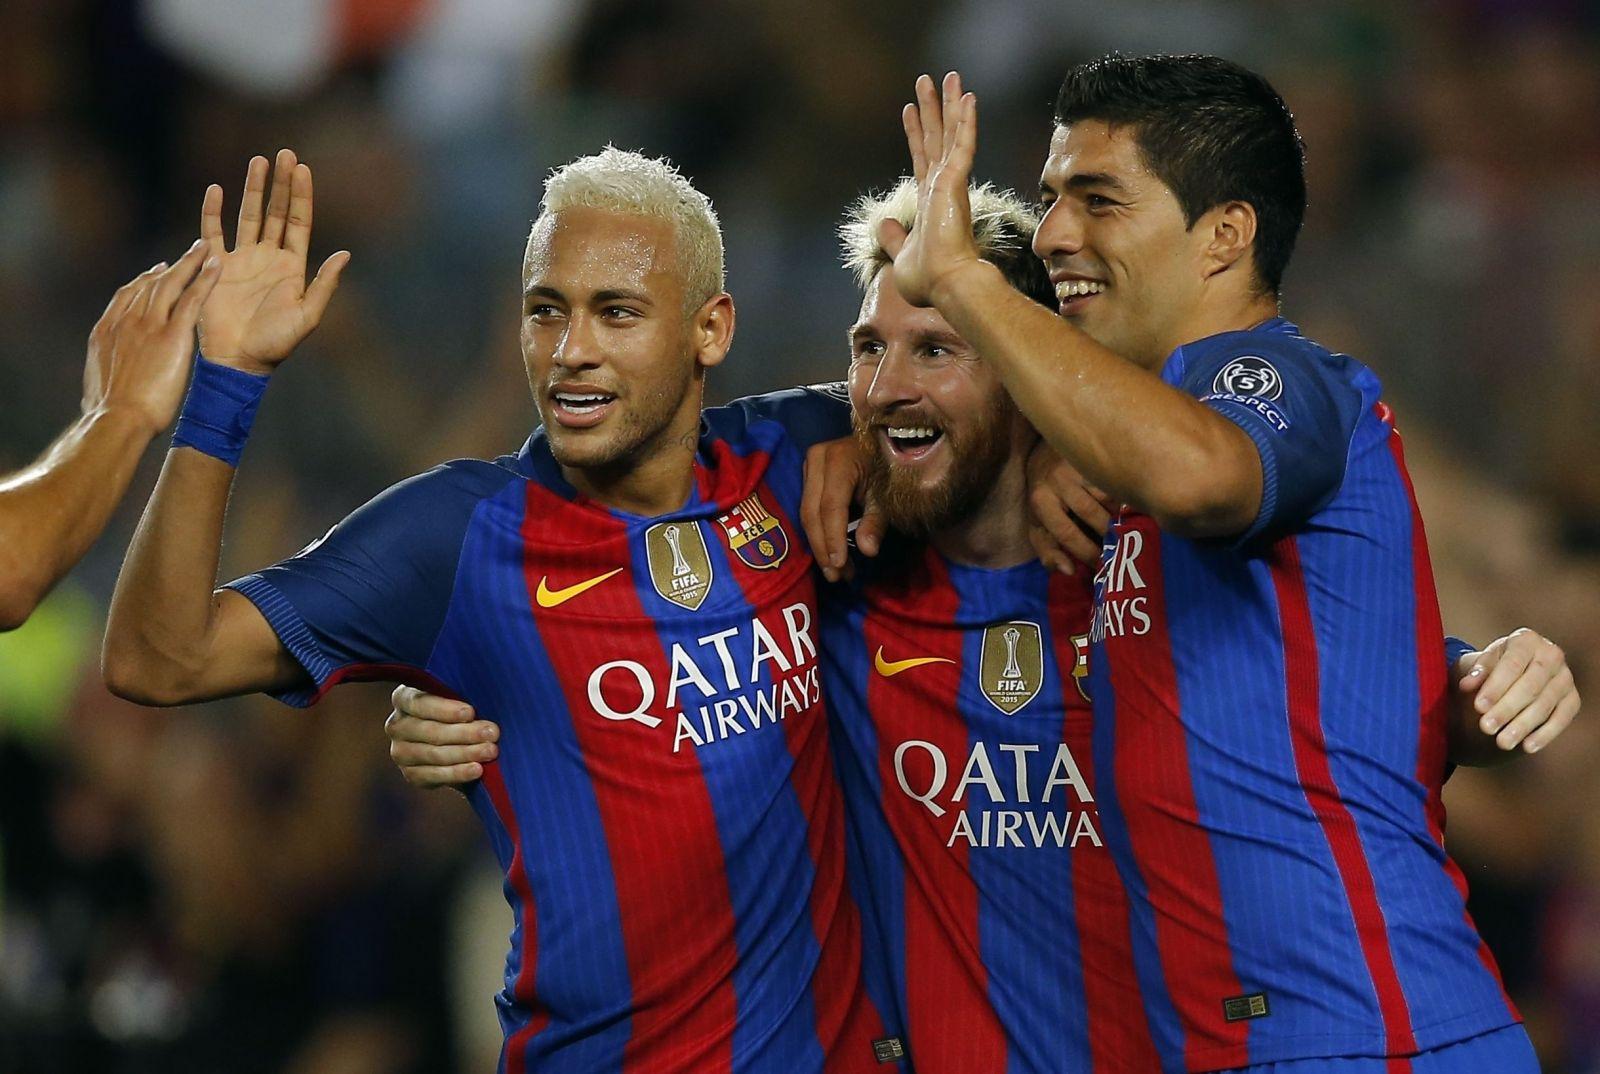 Neymar sa chce vrátiť do Barcelony, vyhlásil viceprezident katalánskeho klubu